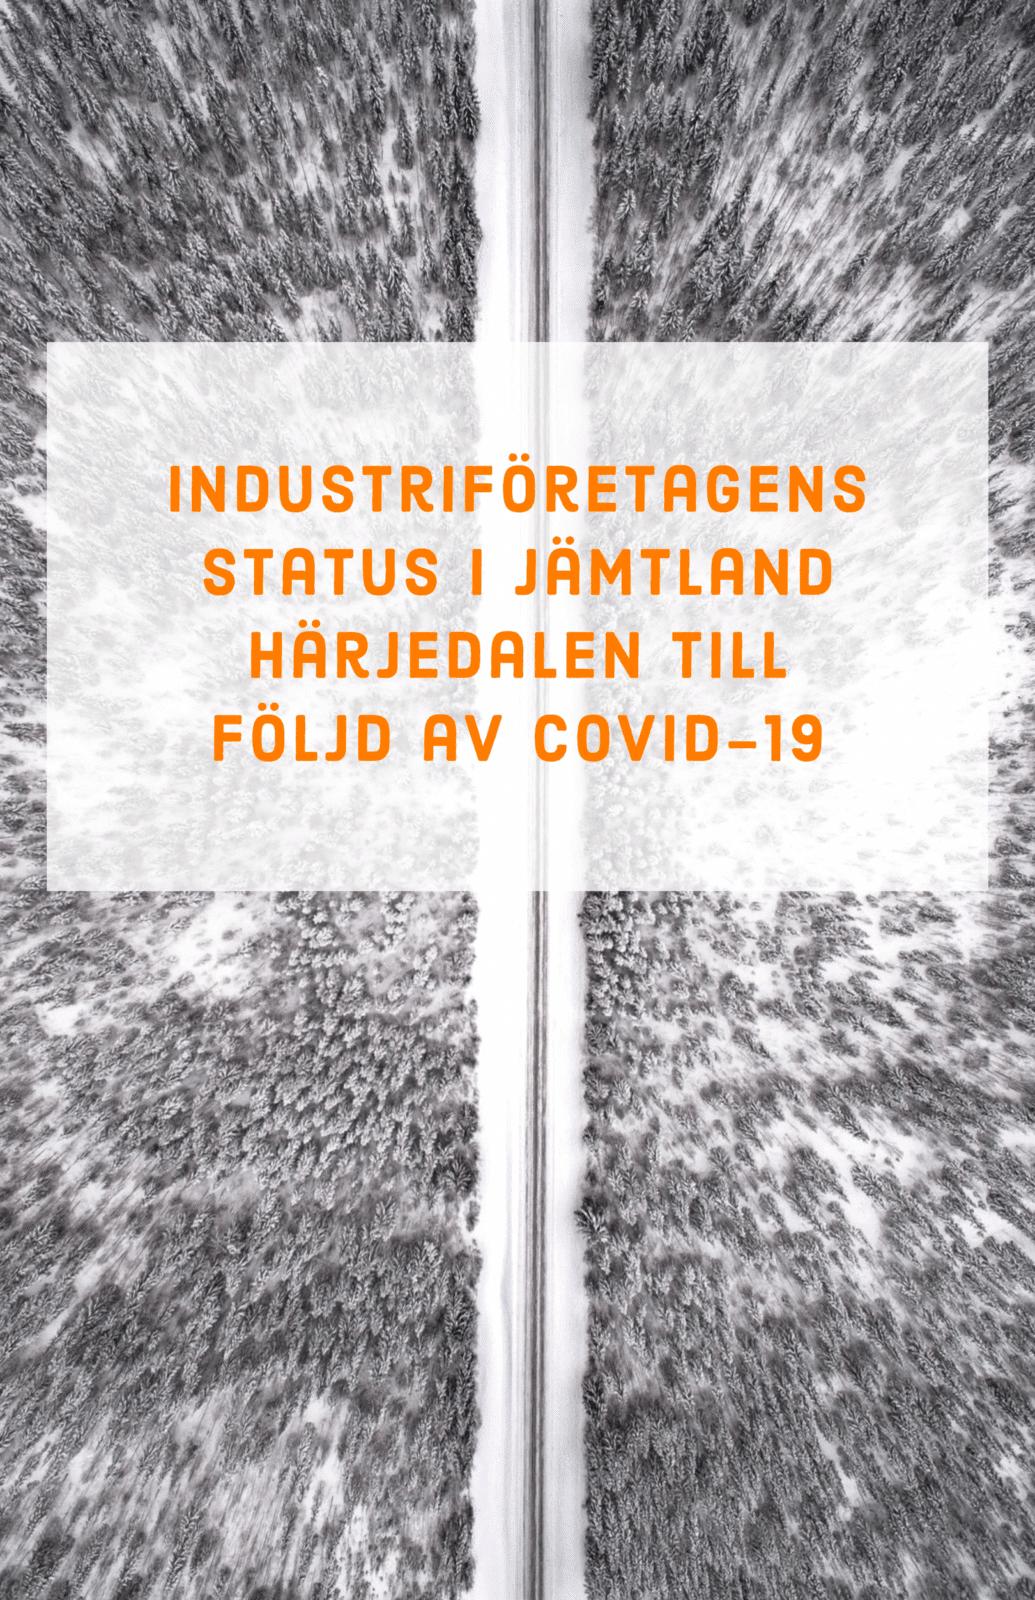 Industriföretagens status i Jämtland Härjedalen till följd av Covid-19